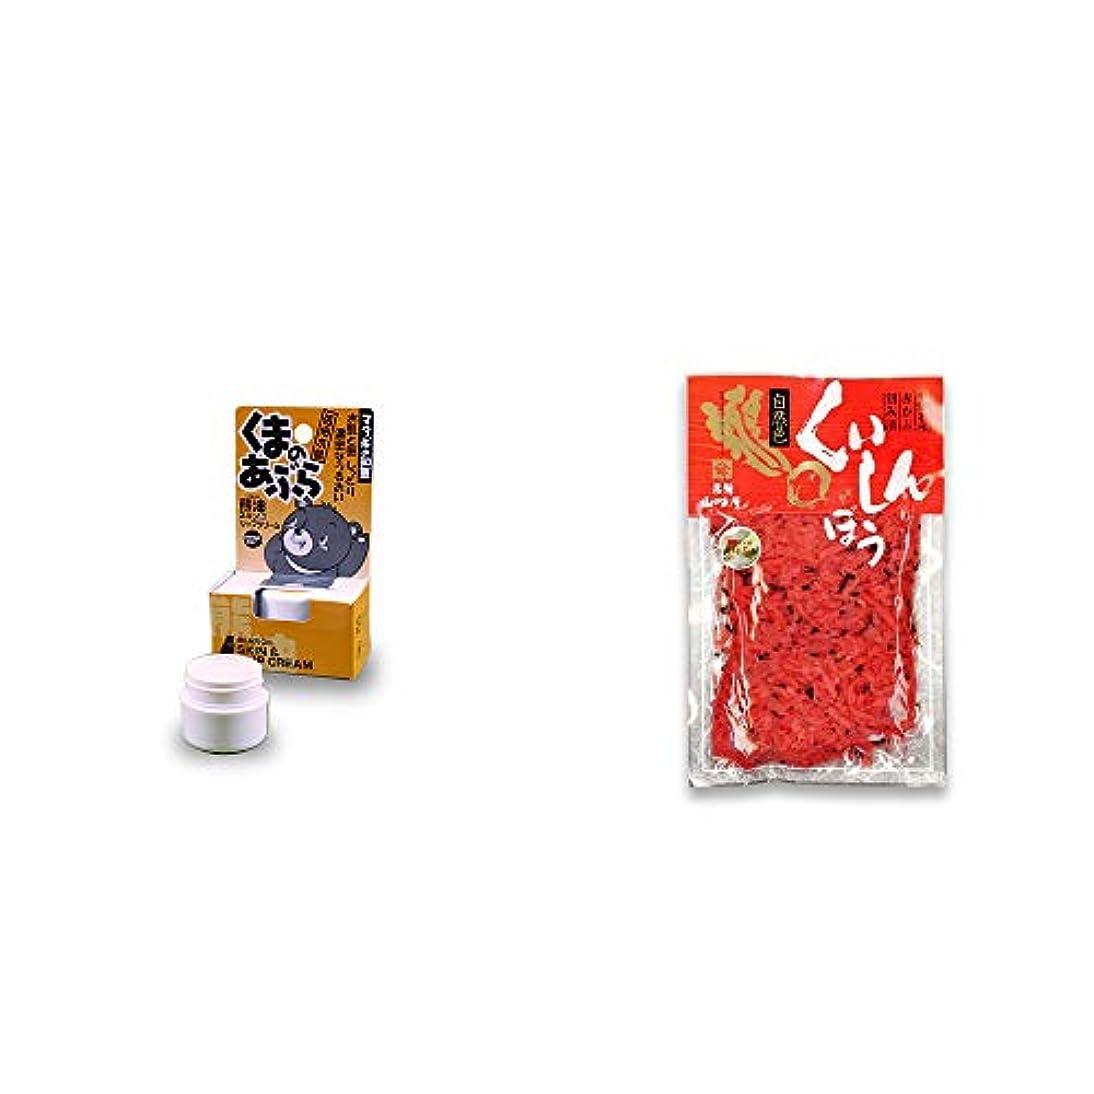 [2点セット] 信州木曽 くまのあぶら 熊油スキン&リップクリーム(9g)?飛騨山味屋 くいしんぼう【小】 (160g)